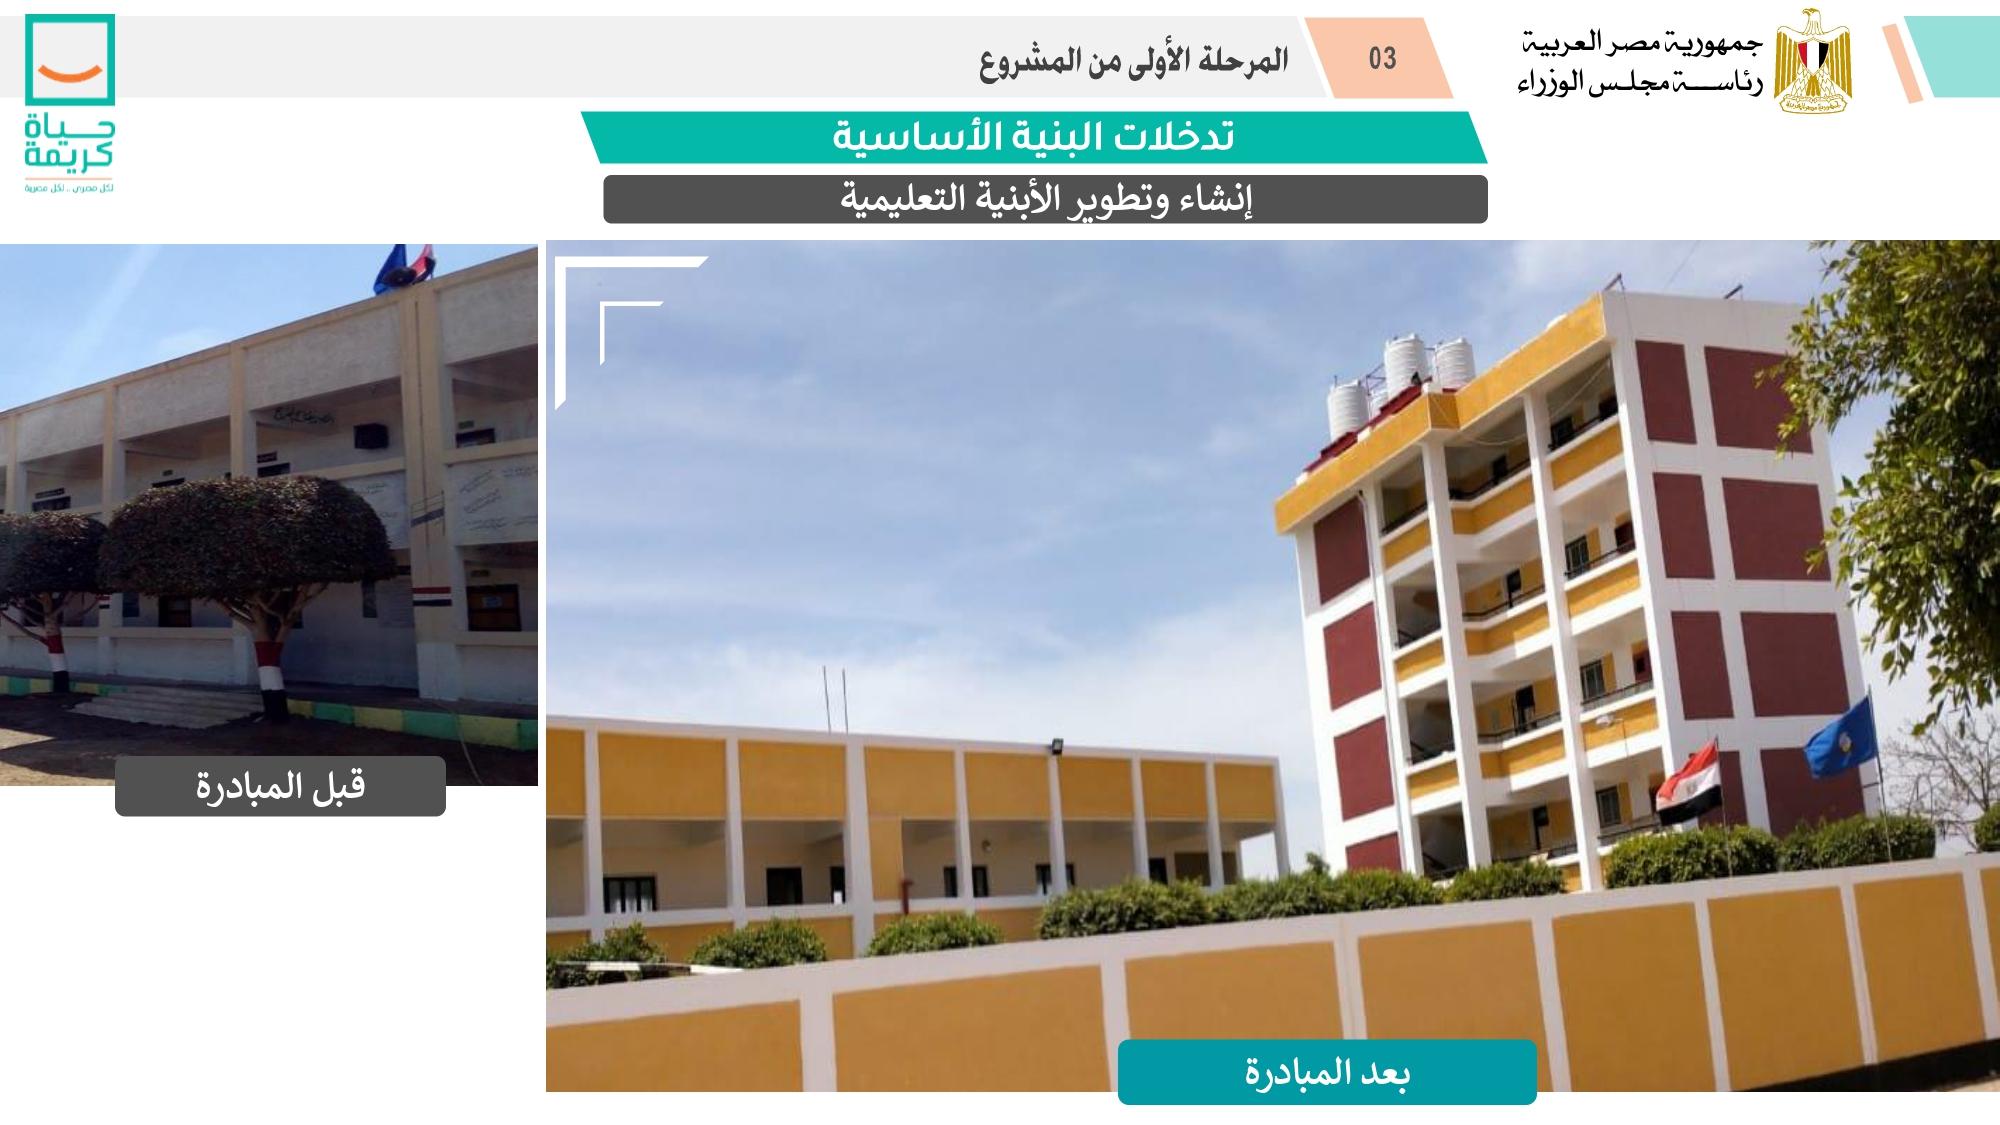 إعادة تطوير المدارس